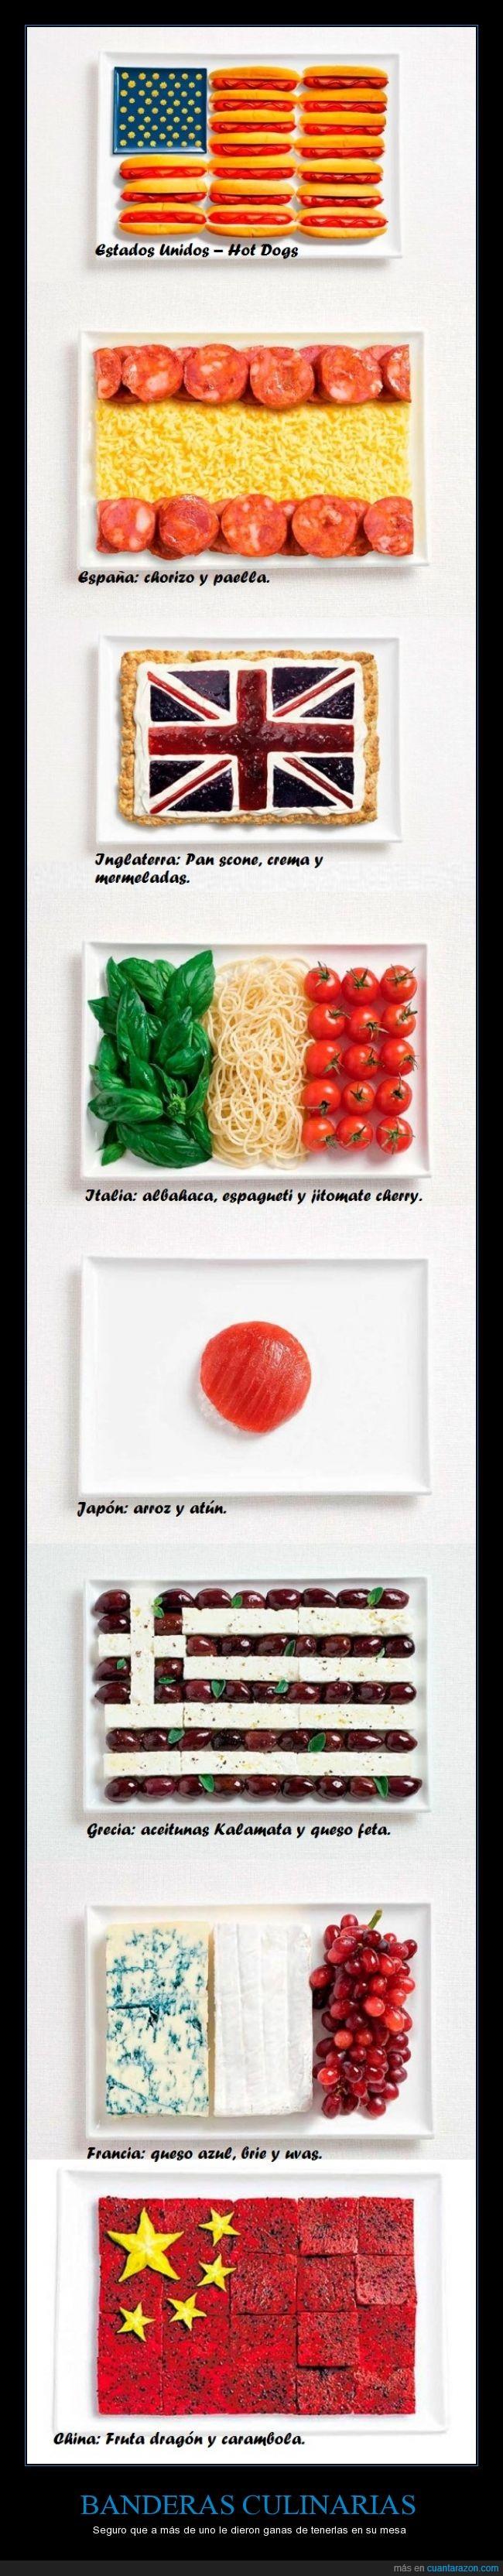 banderas culinarias